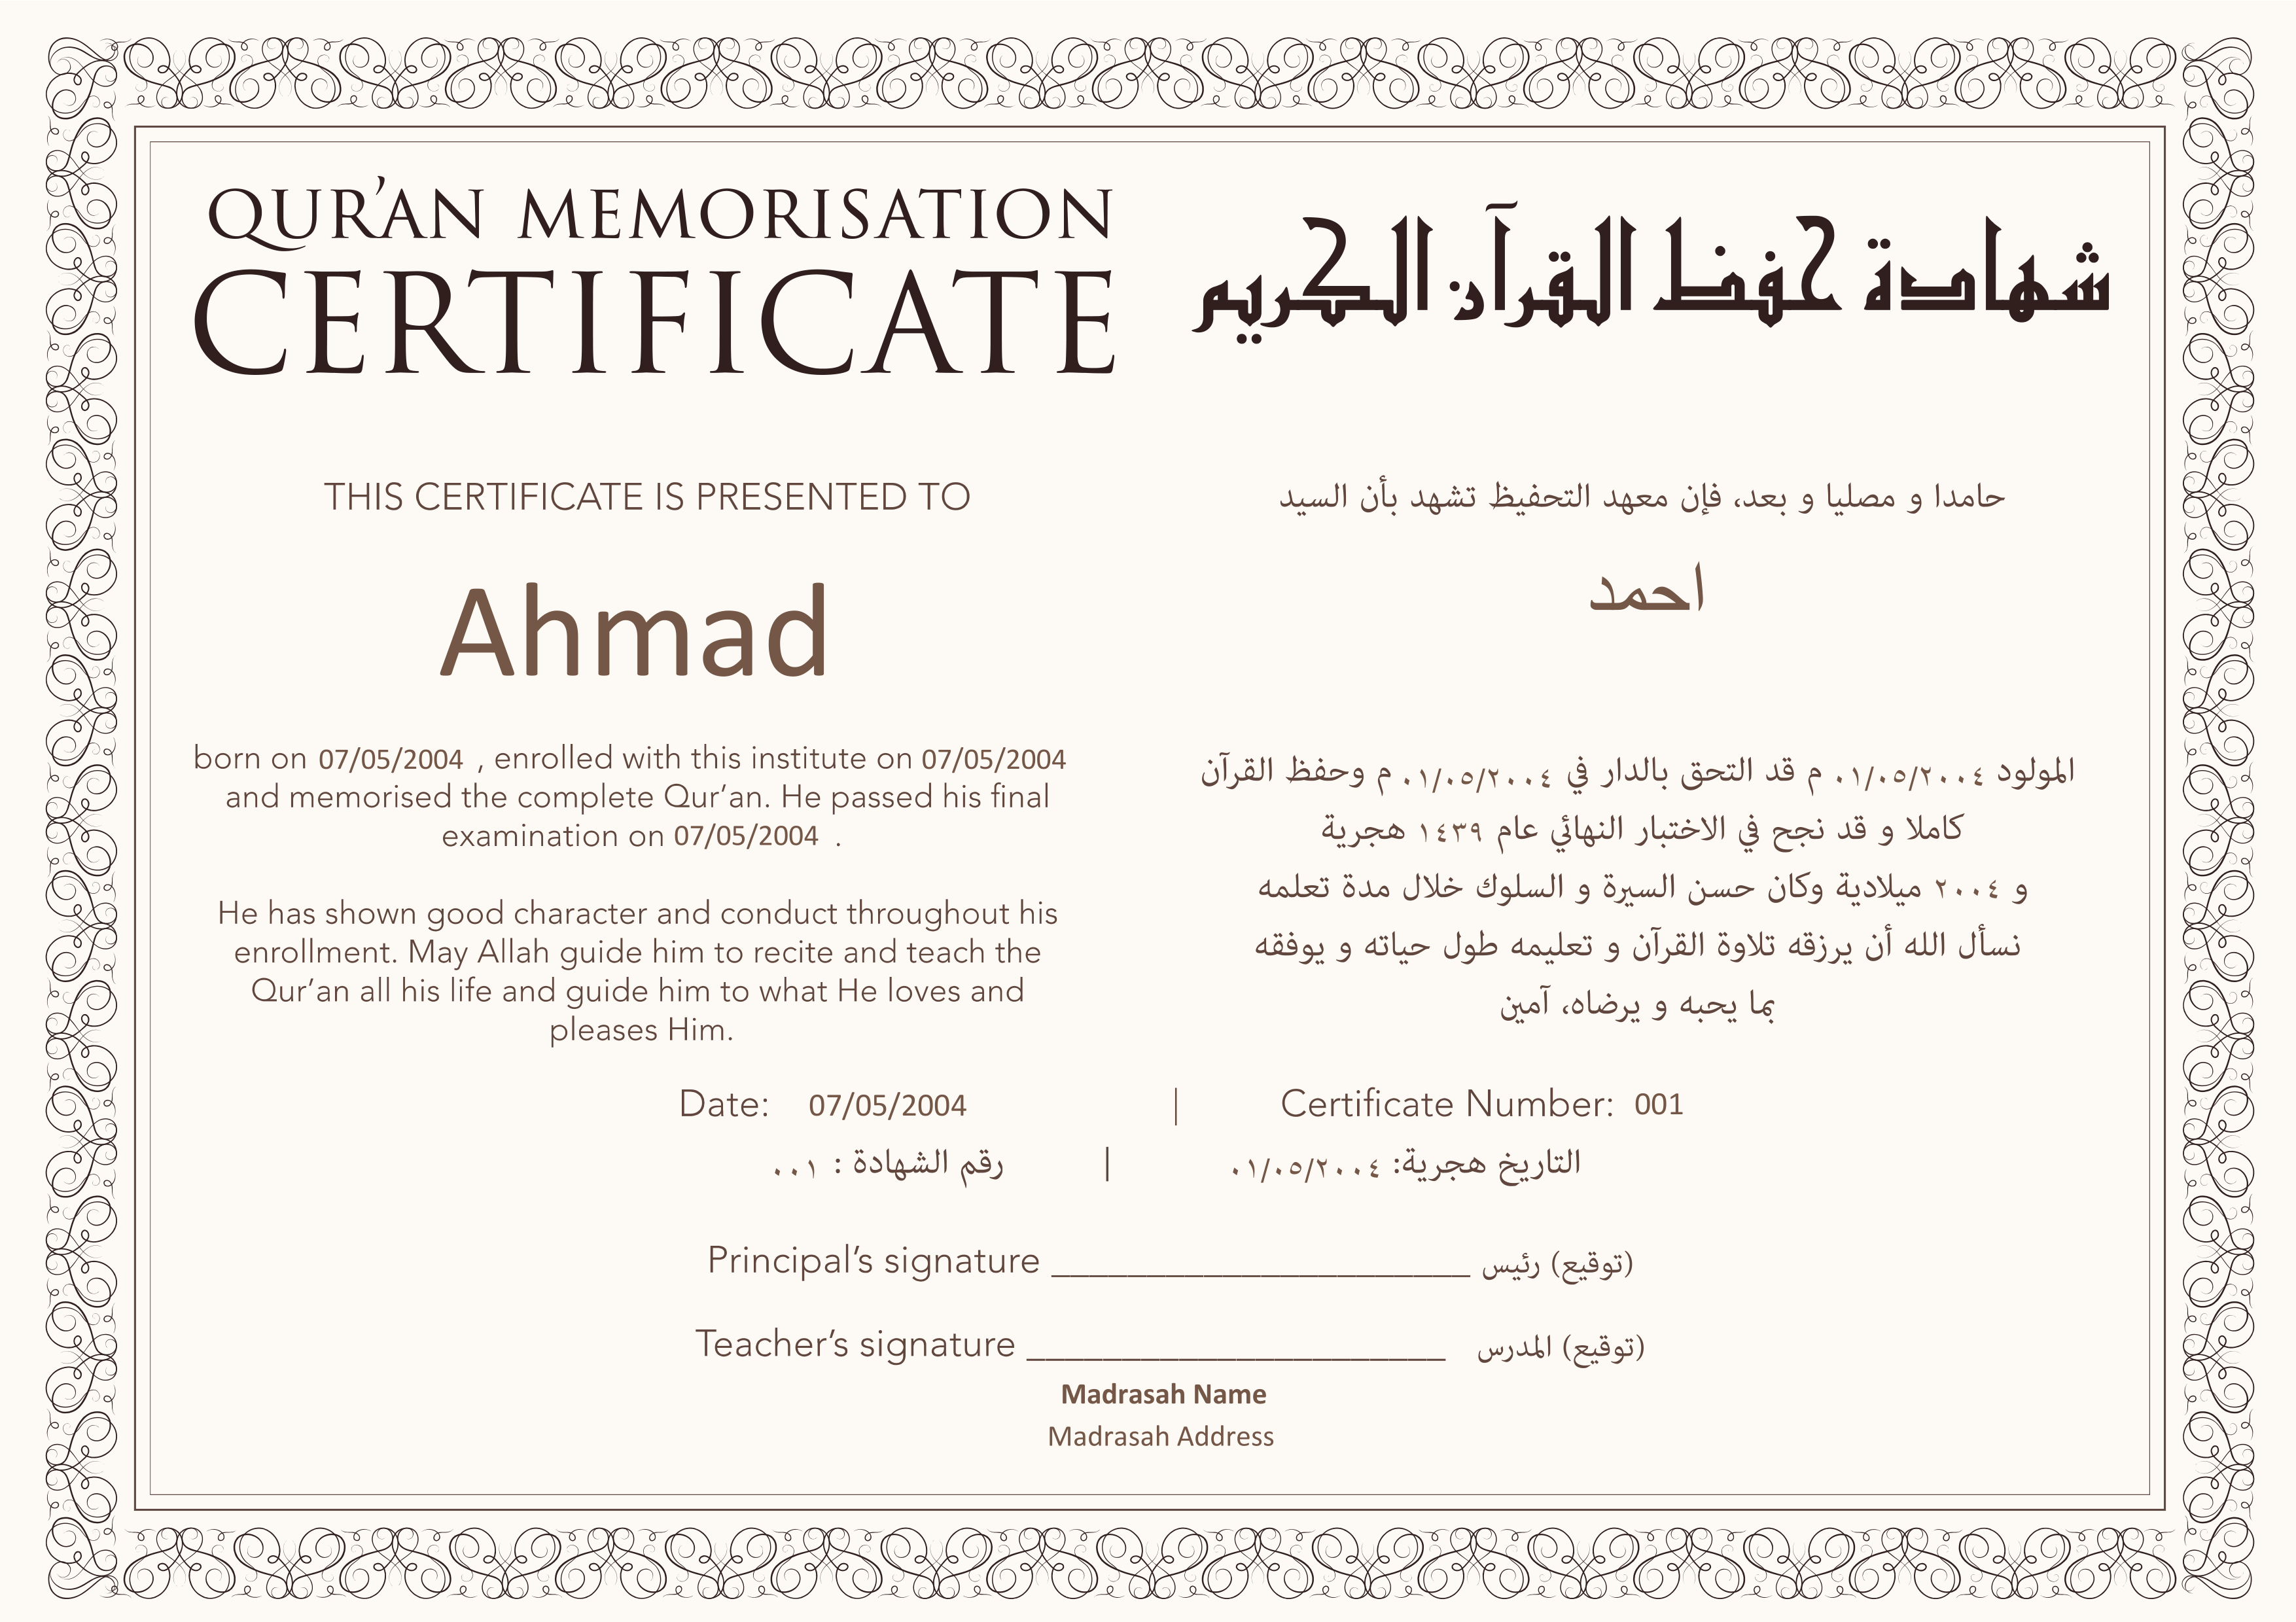 Hifz certificate template an nasihah publications hifz certificate template thecheapjerseys Image collections